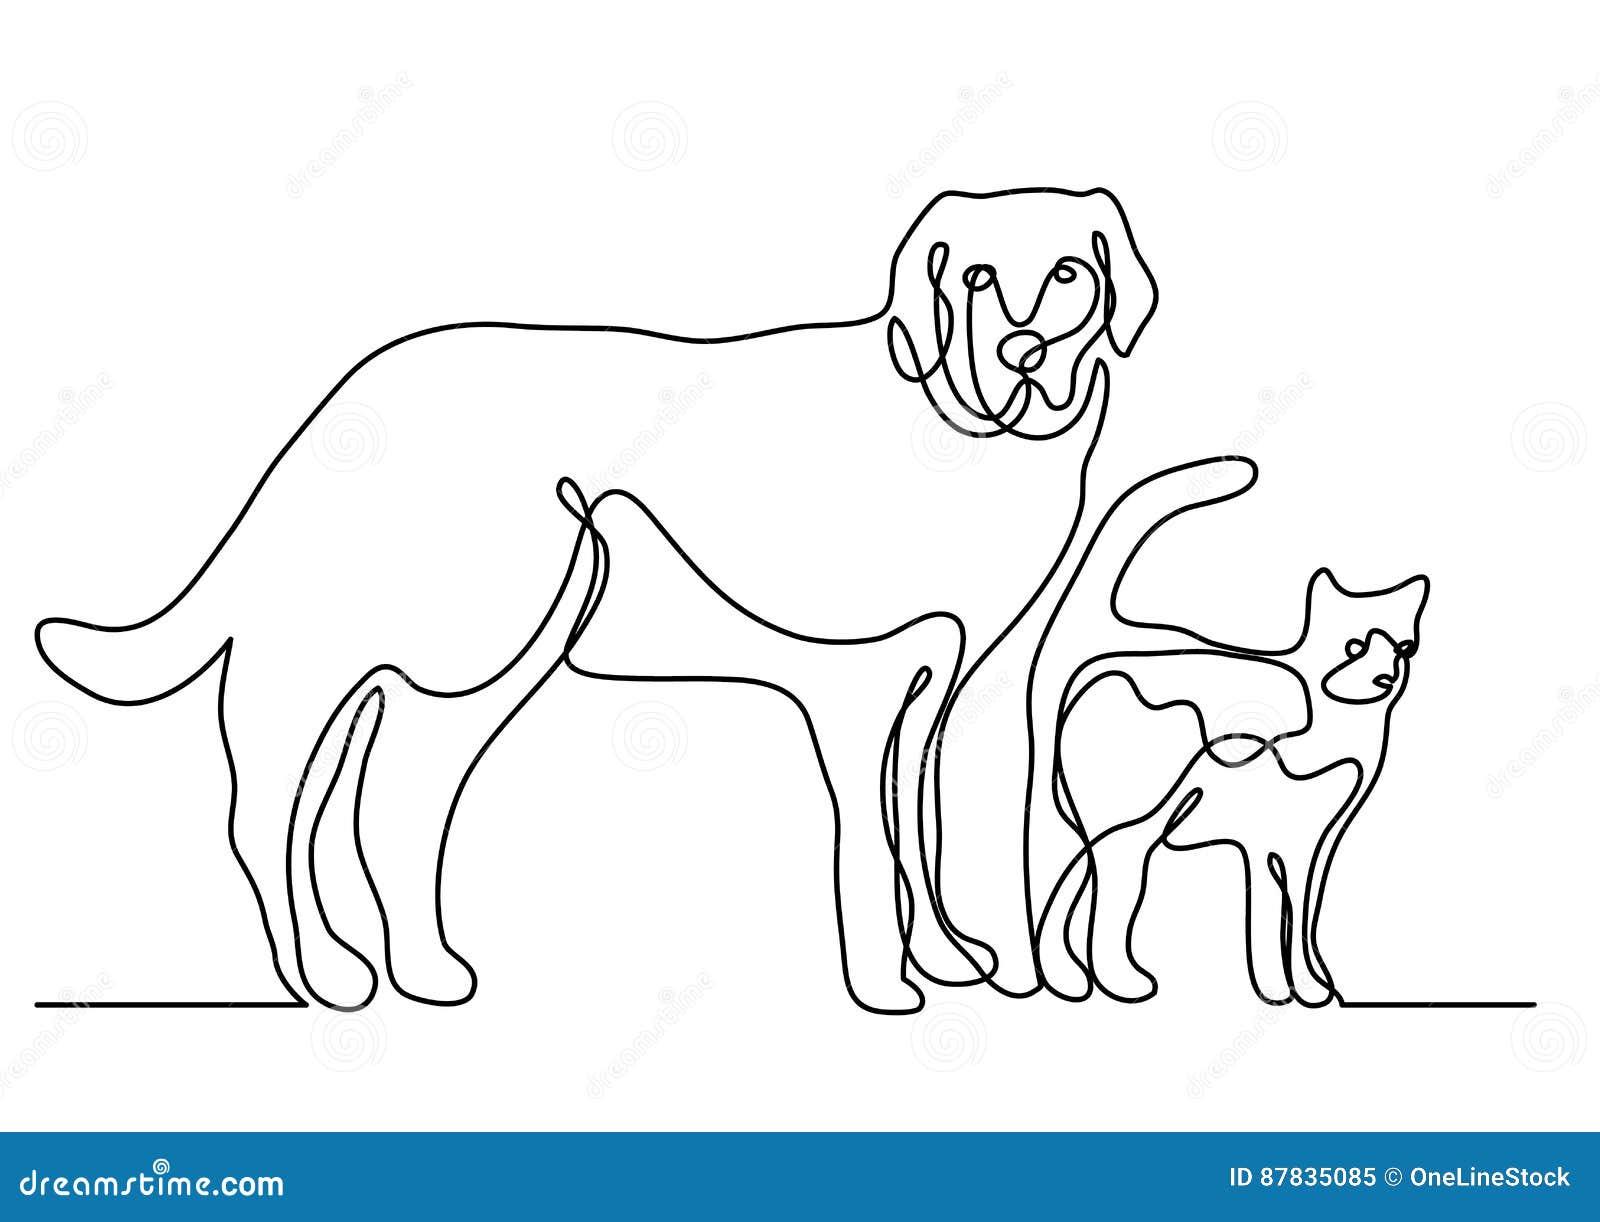 Disegno A Tratteggio Continuo Del Cane E Del Gatto Illustrazione